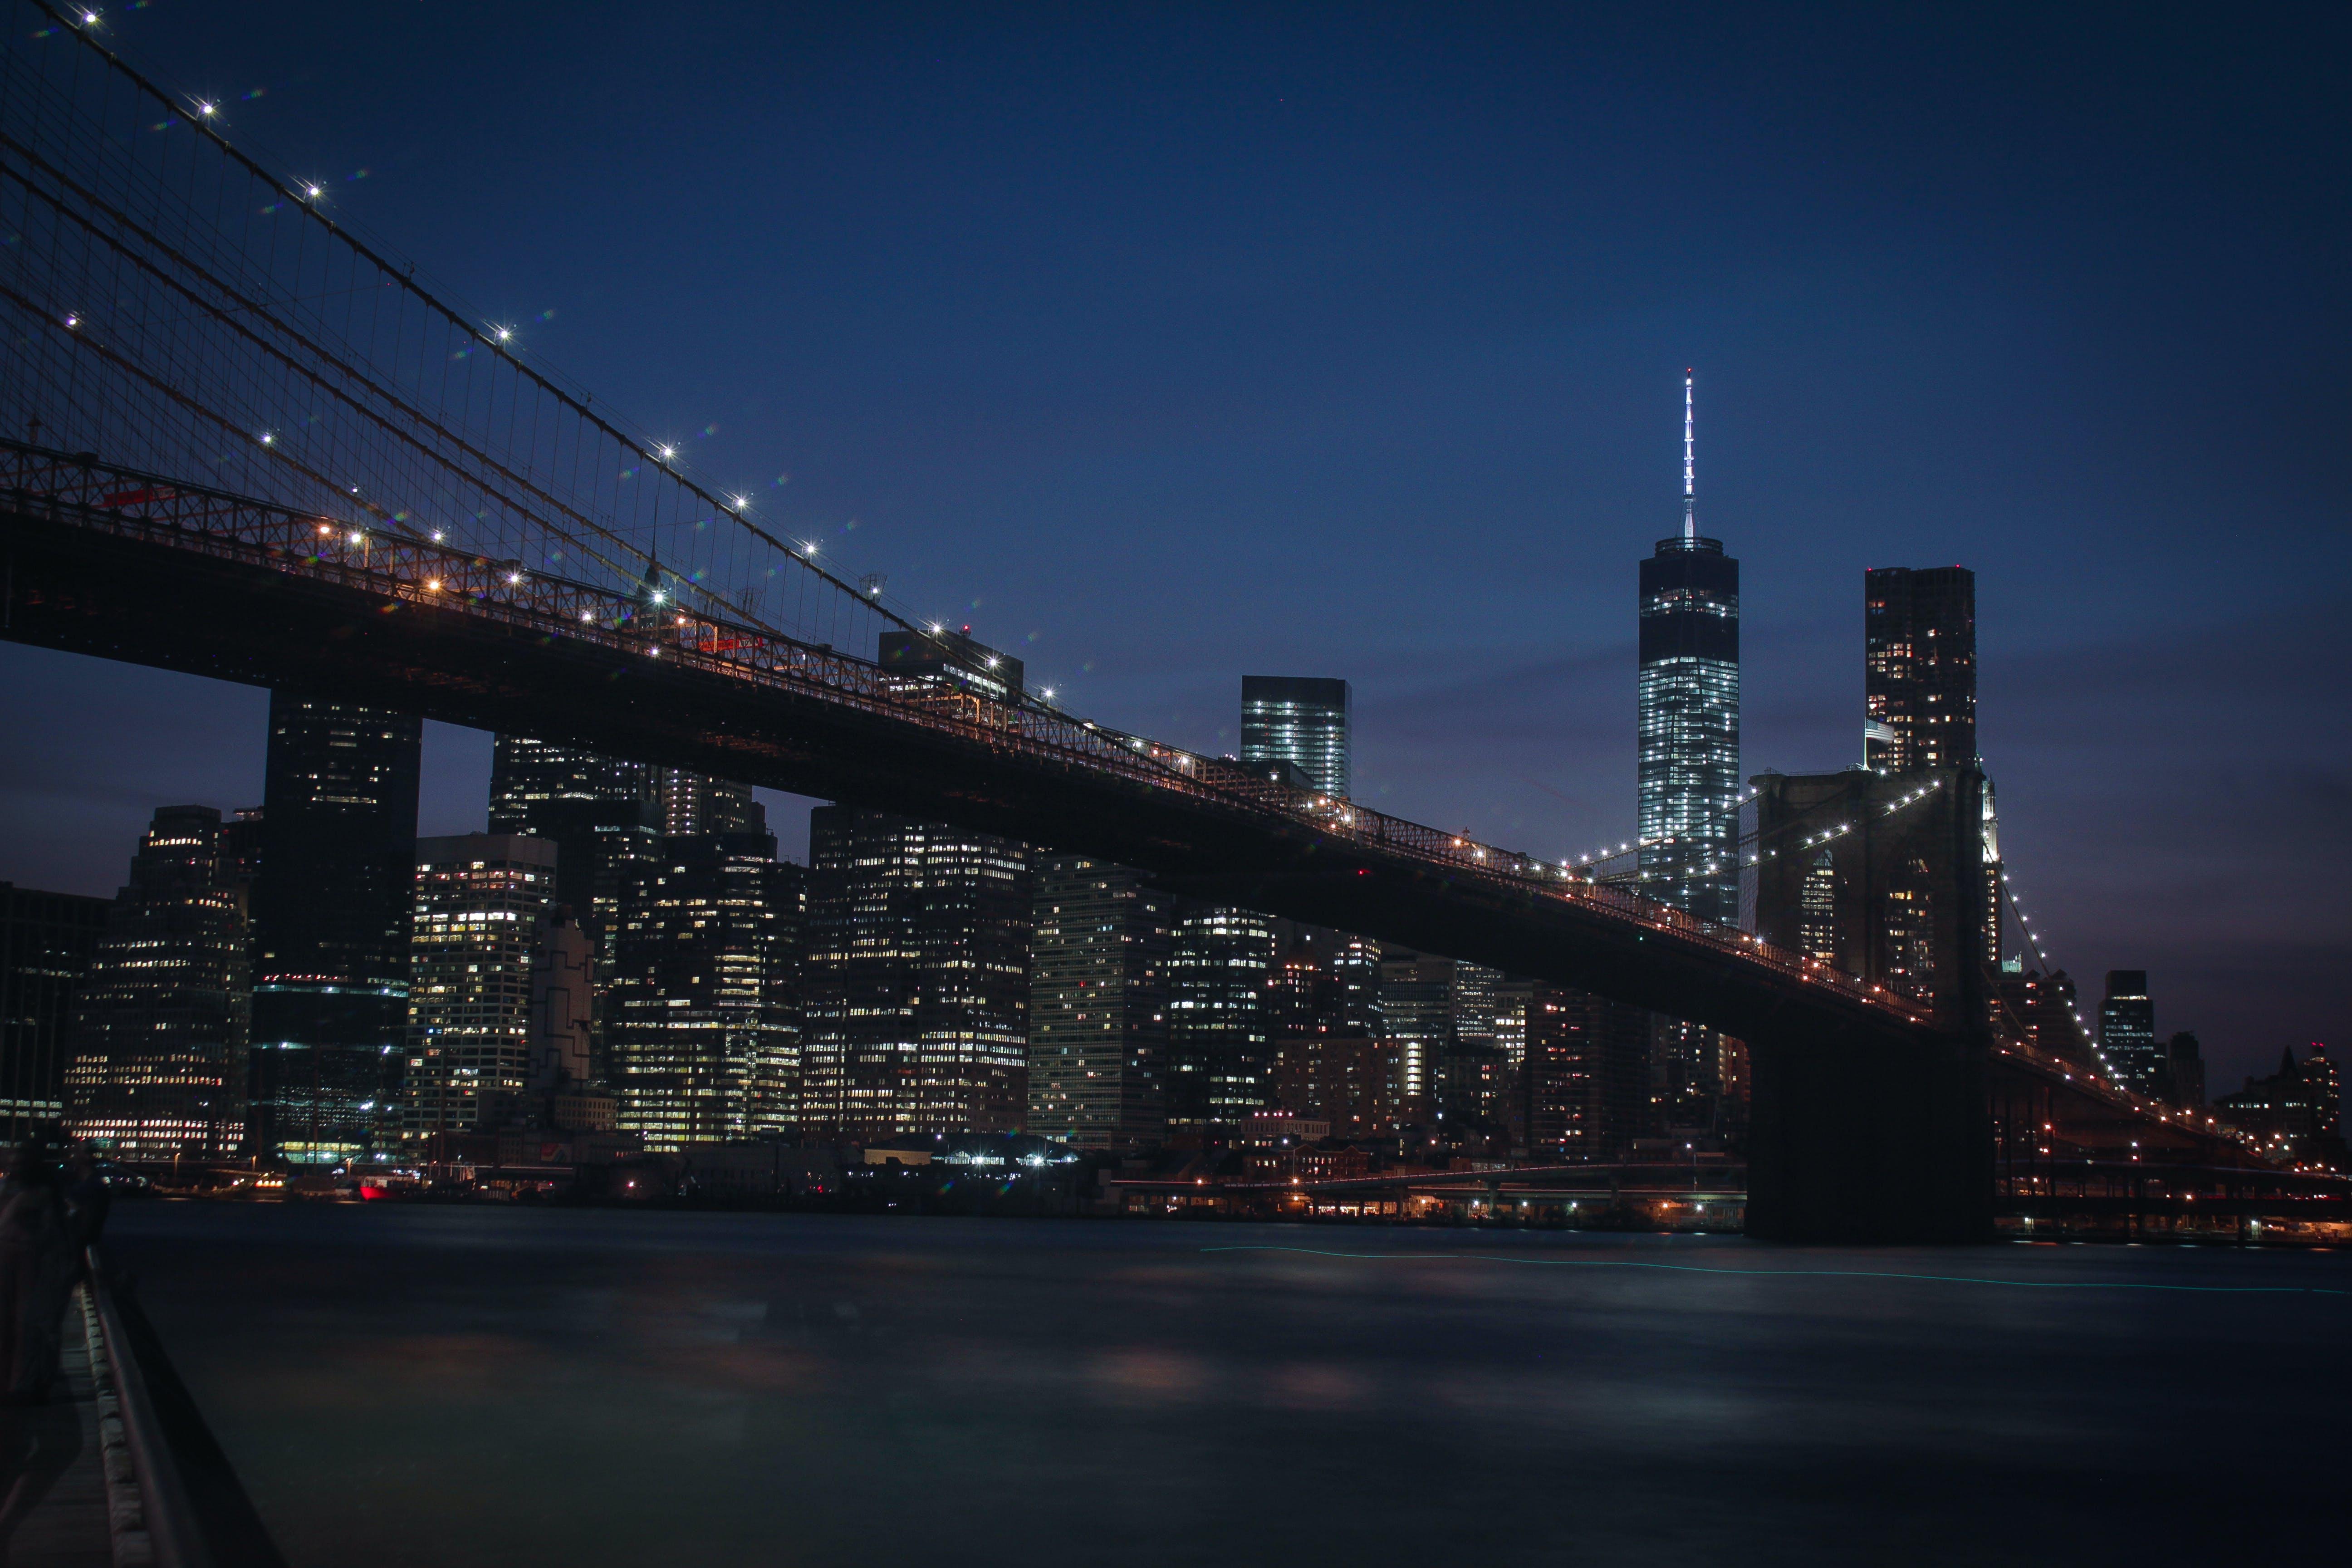 Δωρεάν στοκ φωτογραφιών με brooklyn bridge, nyc, απόγευμα, γέφυρα